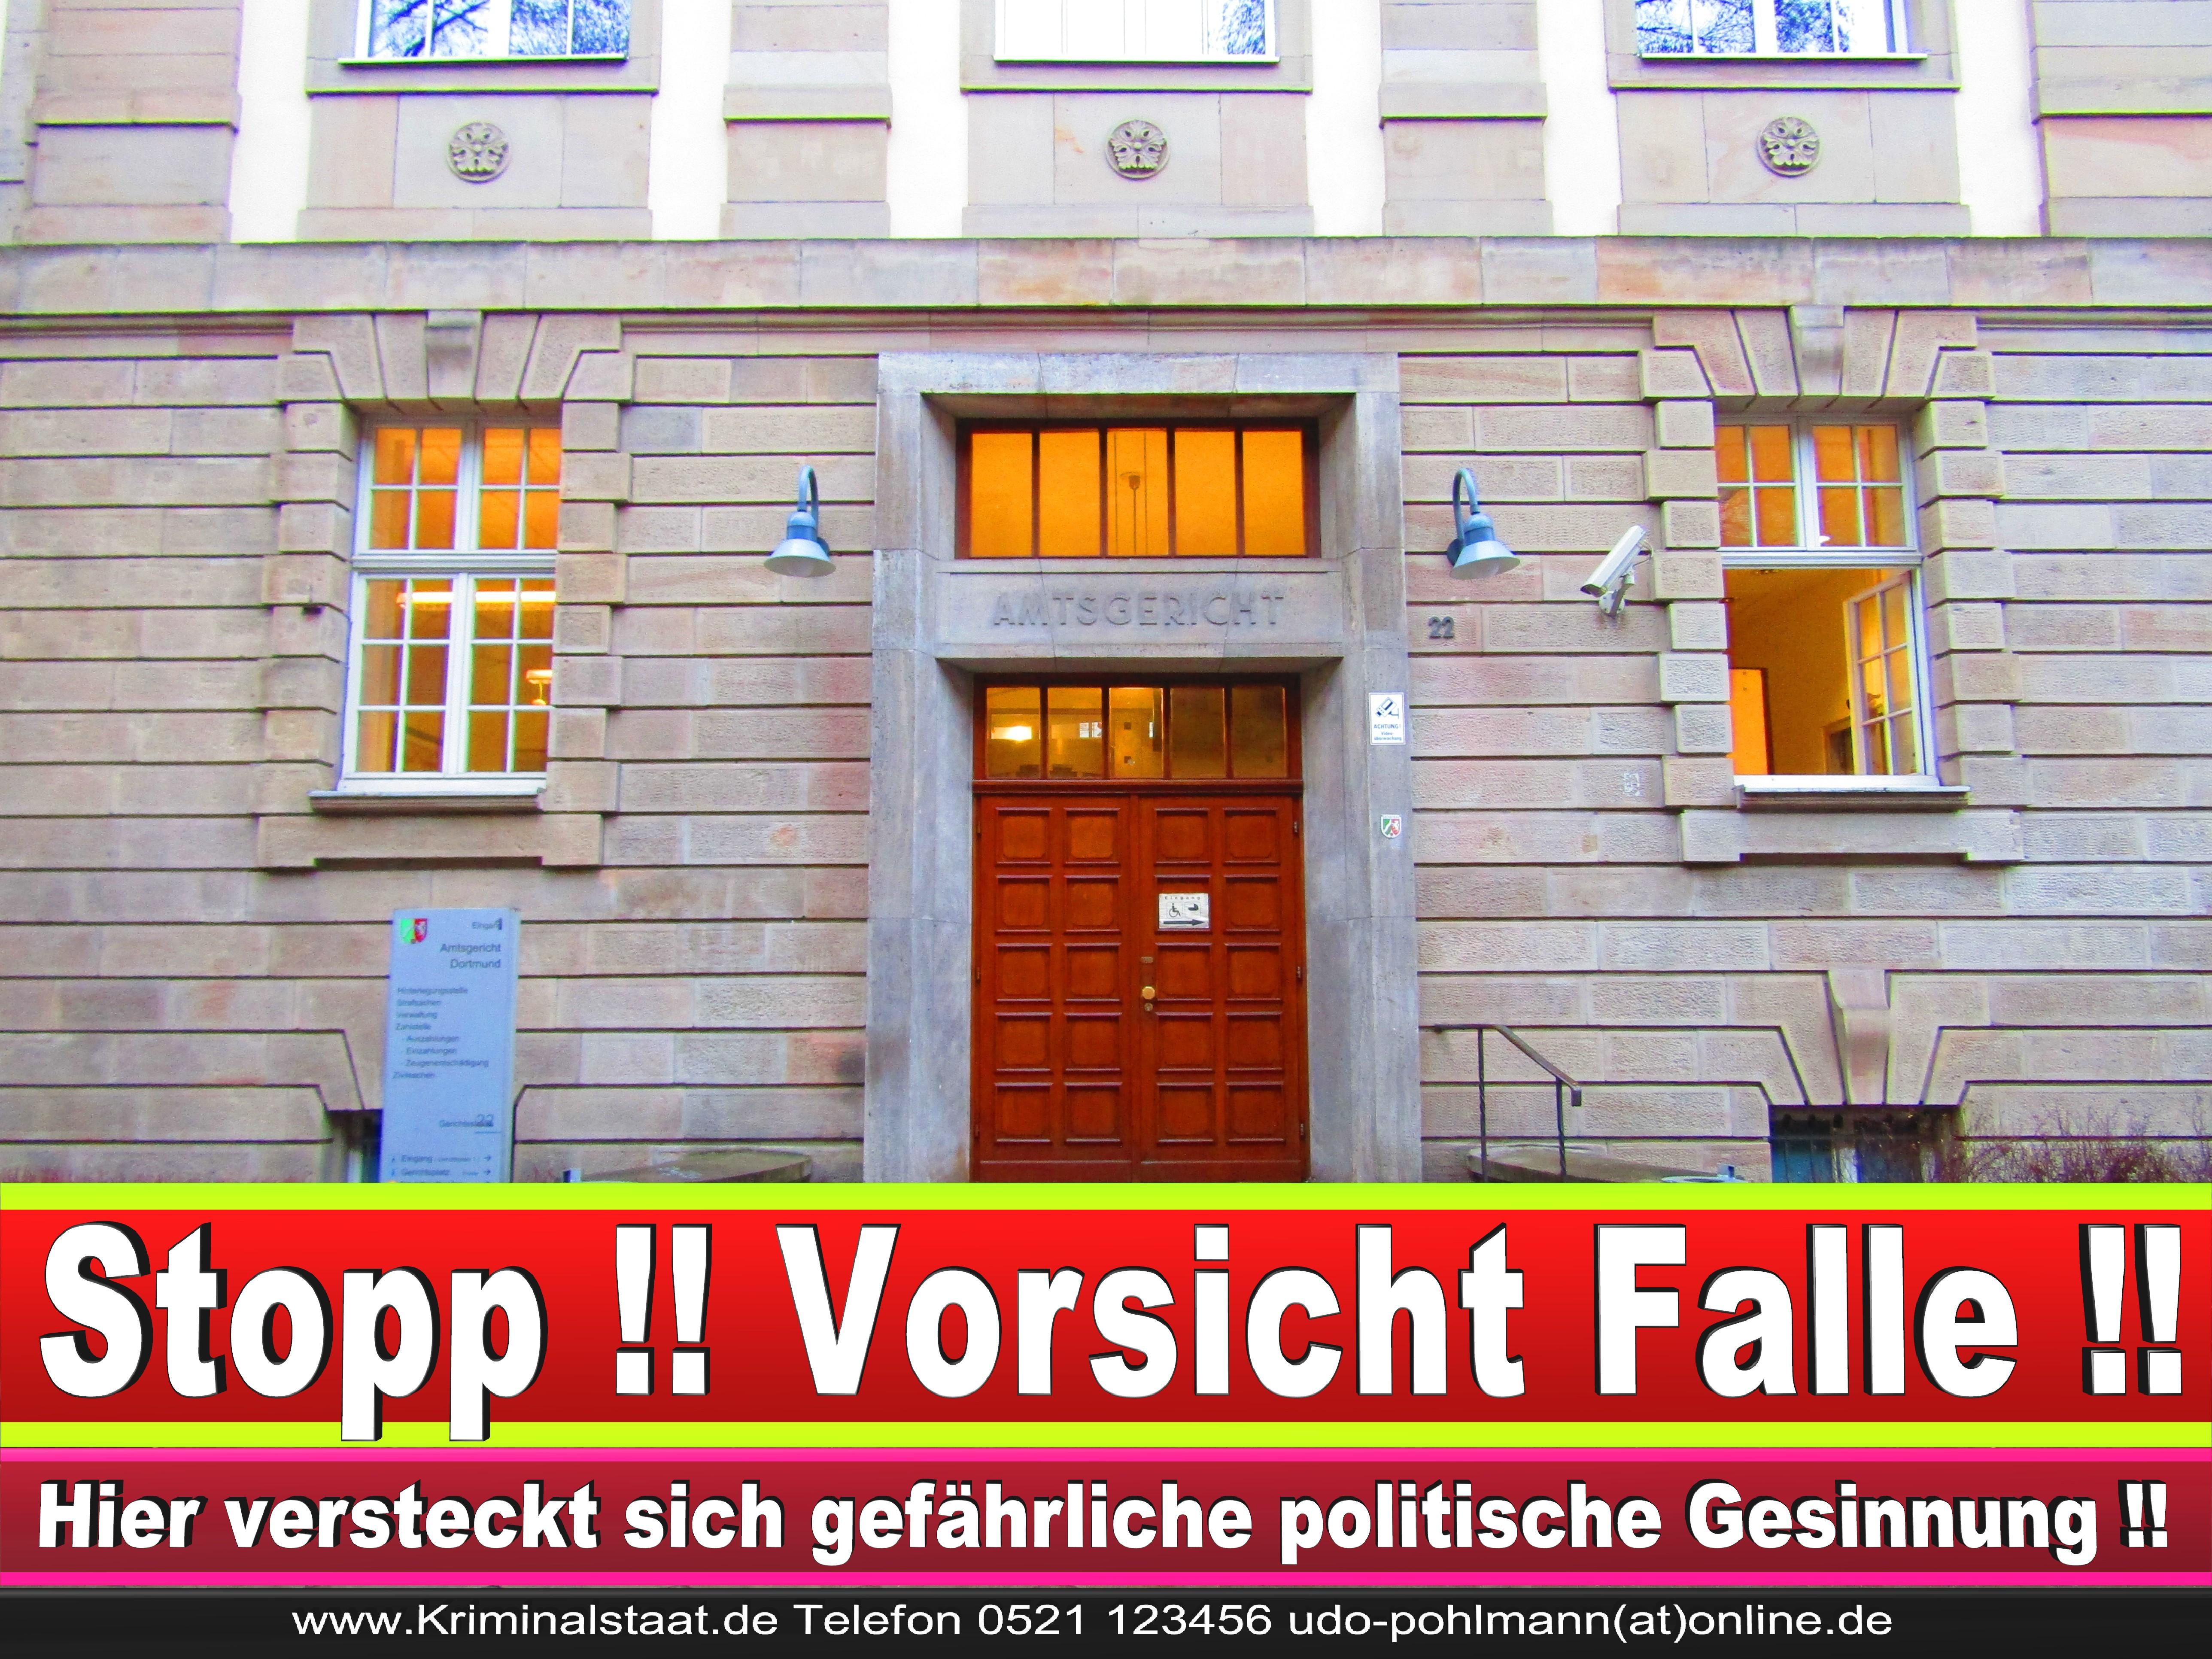 AMTSGERICHT DORTMUND RICHTER AUSBILDUNG PRAKTIKUM ANFAHRT URTEILE KORRUPTION POLIZEI ADRESSE DIREKTOR (3) 1 1